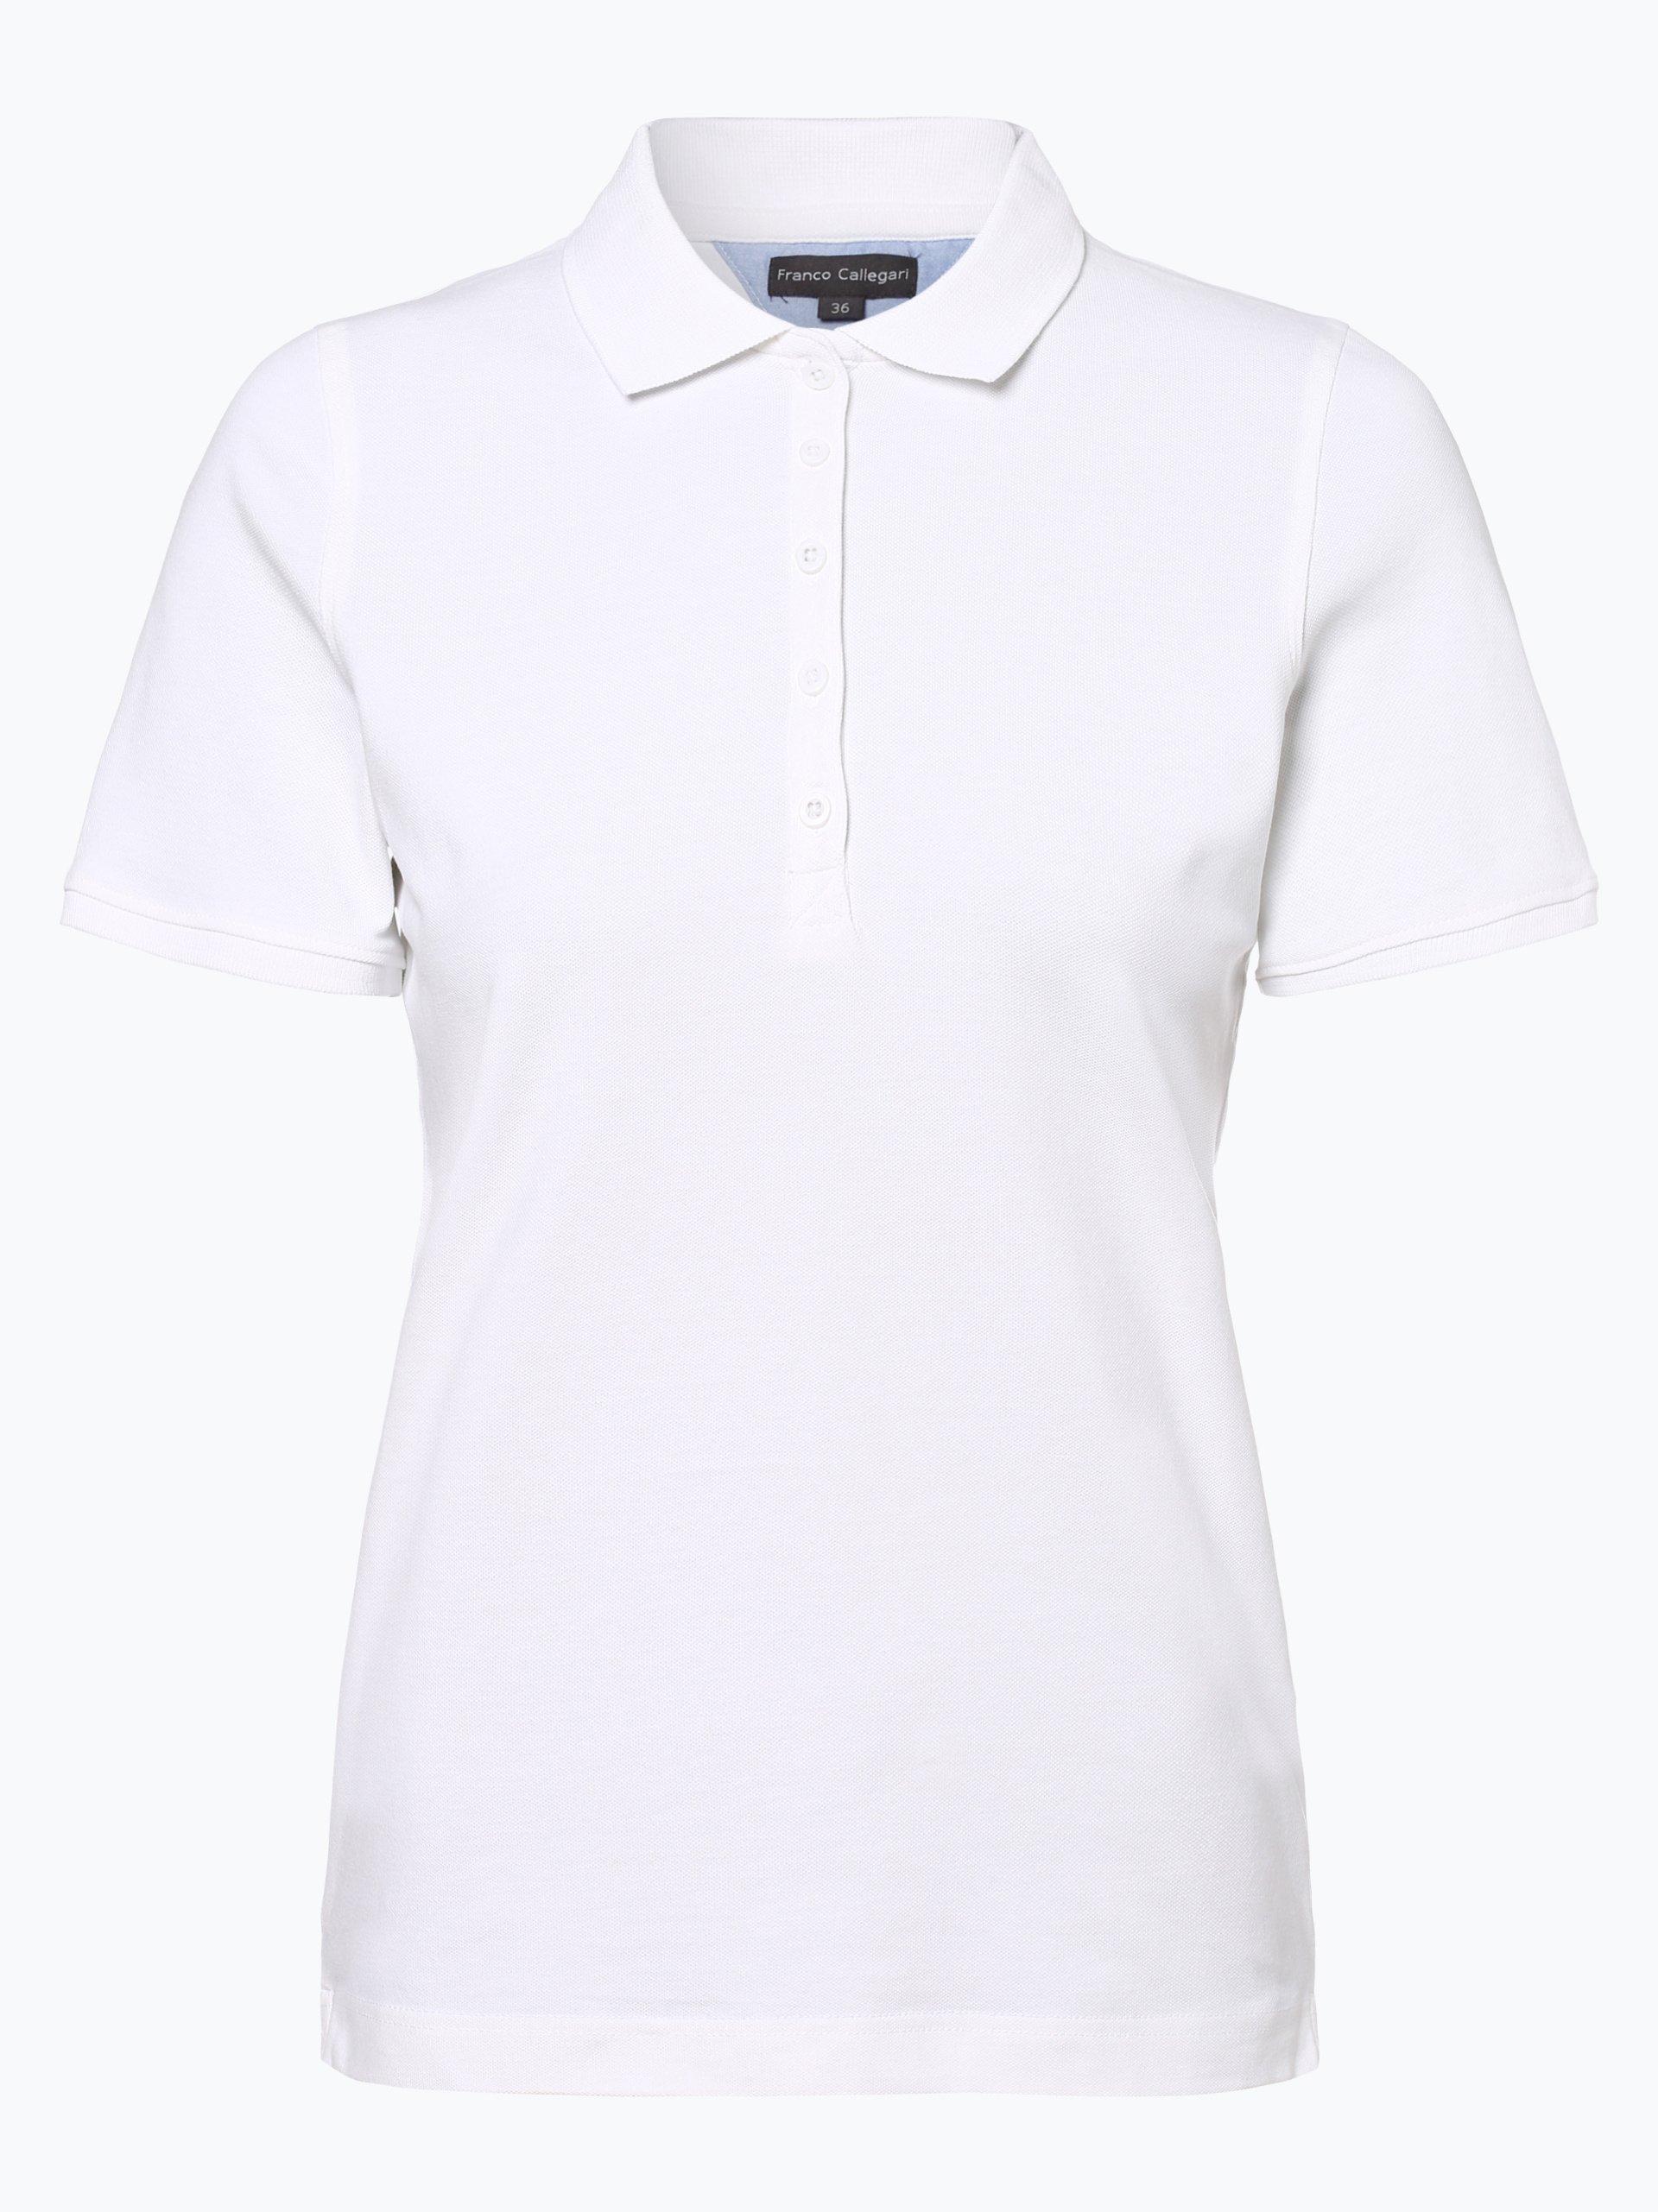 Franco Callegari Damska koszulka polo